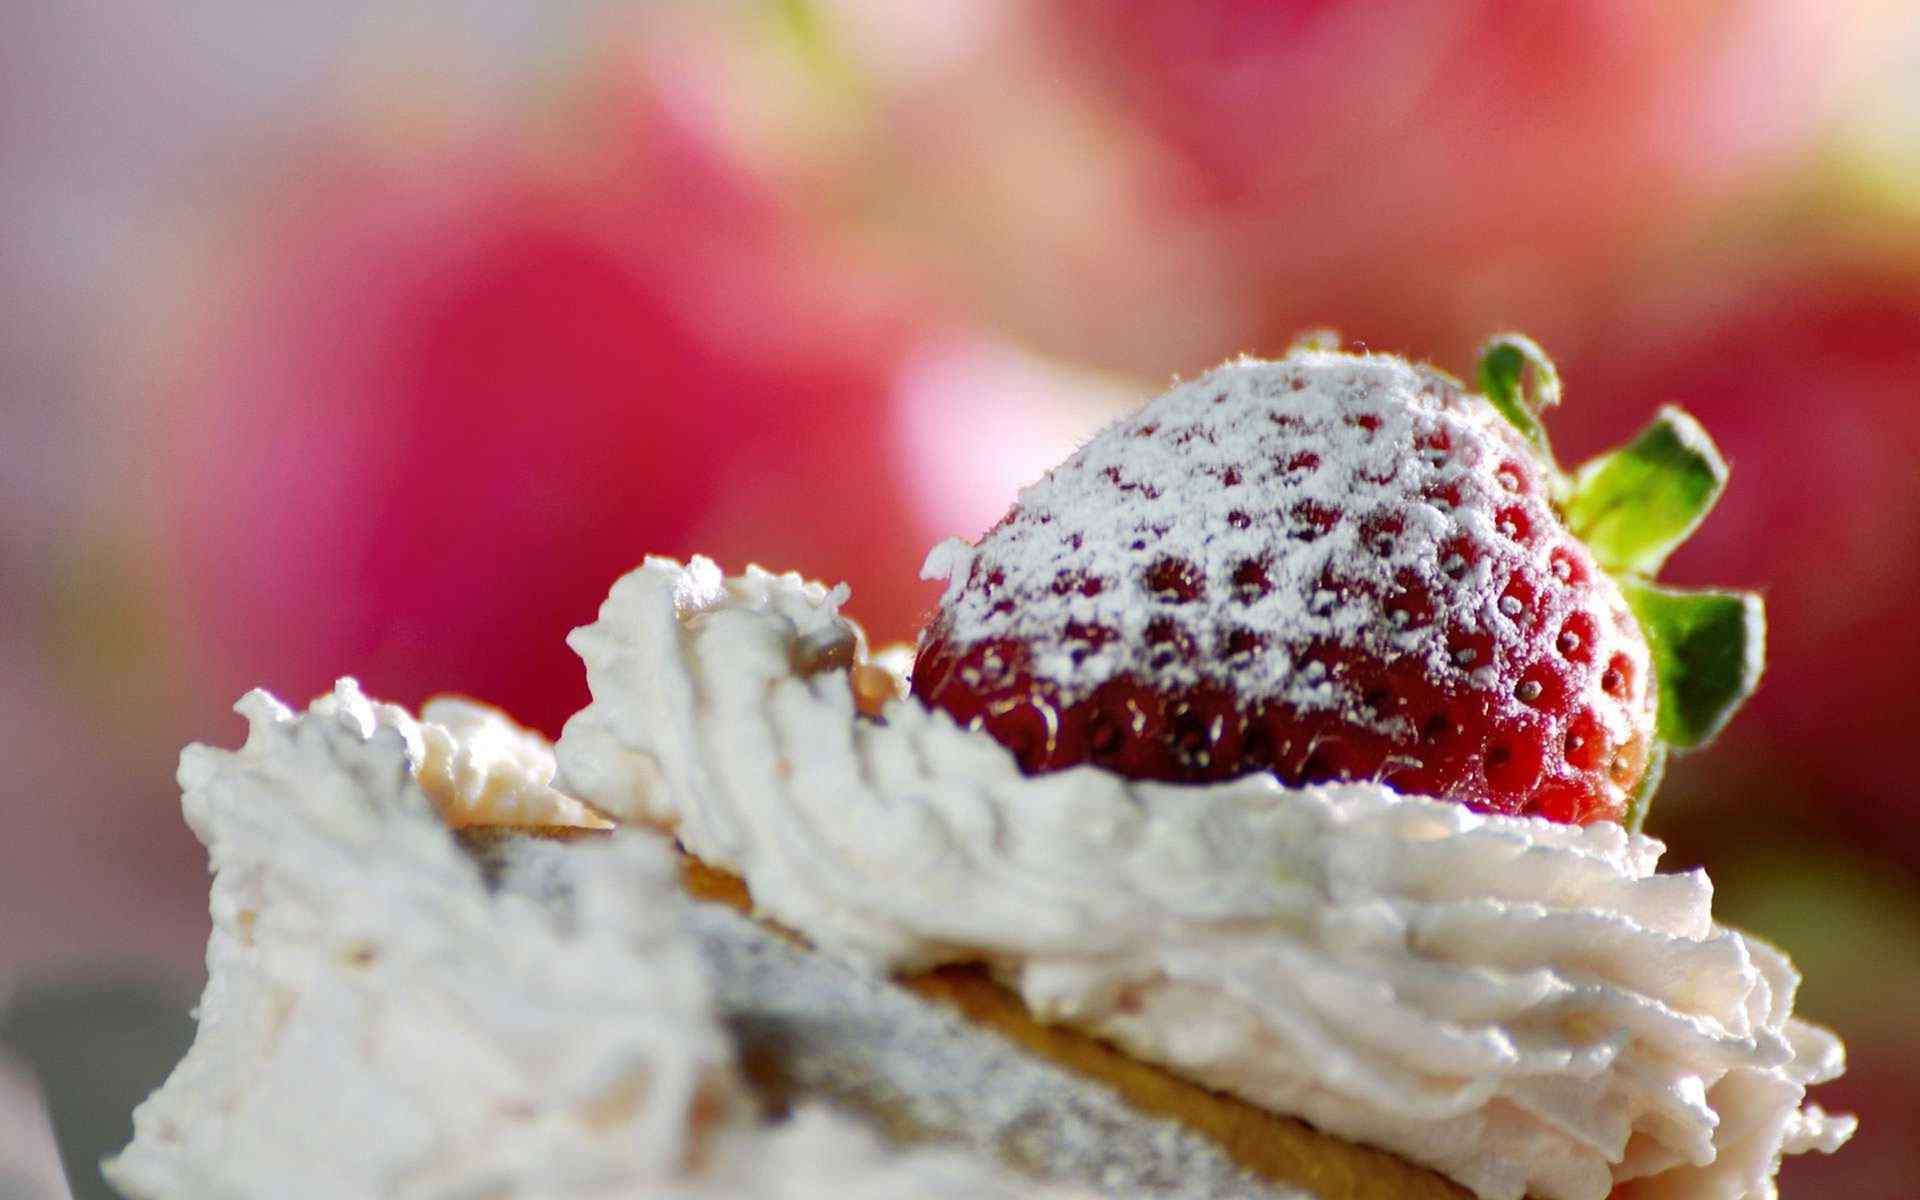 草莓冰淇淋之恋桌面壁纸高清下载